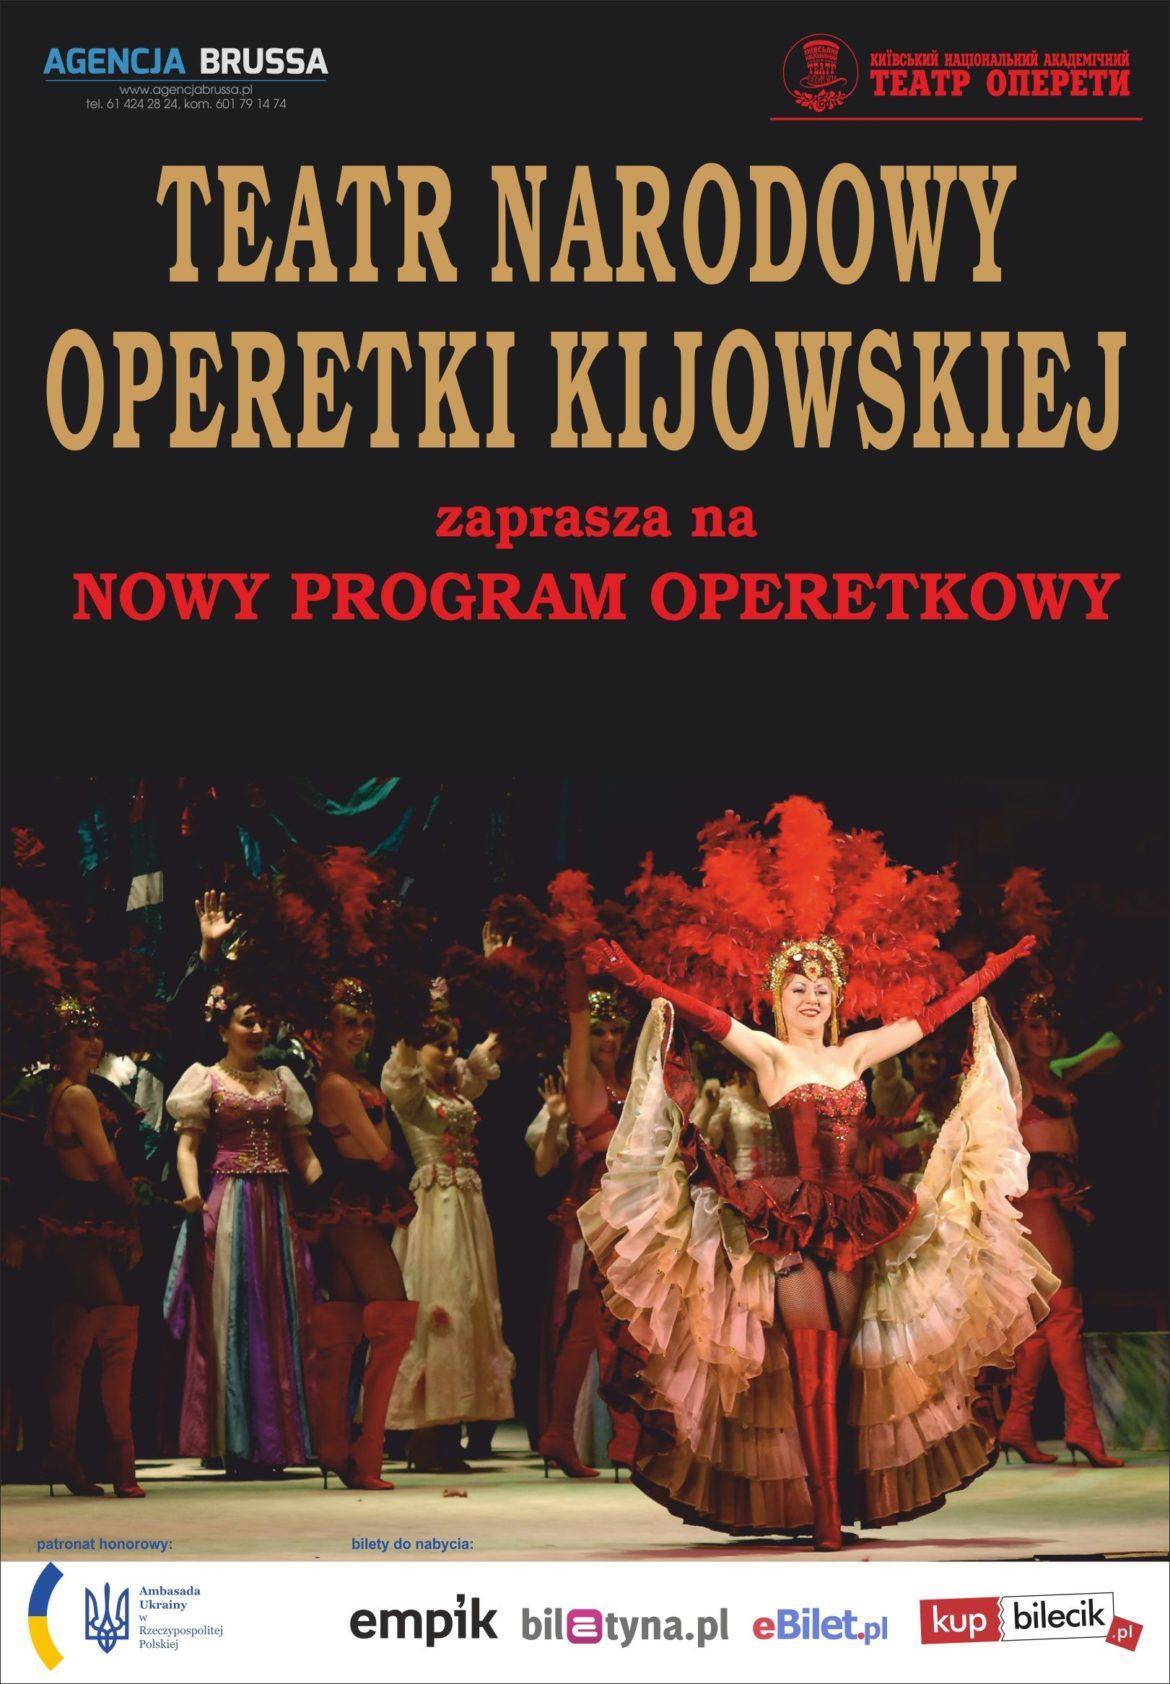 Archiwum SCK. Operetka Kijowska w SCK!